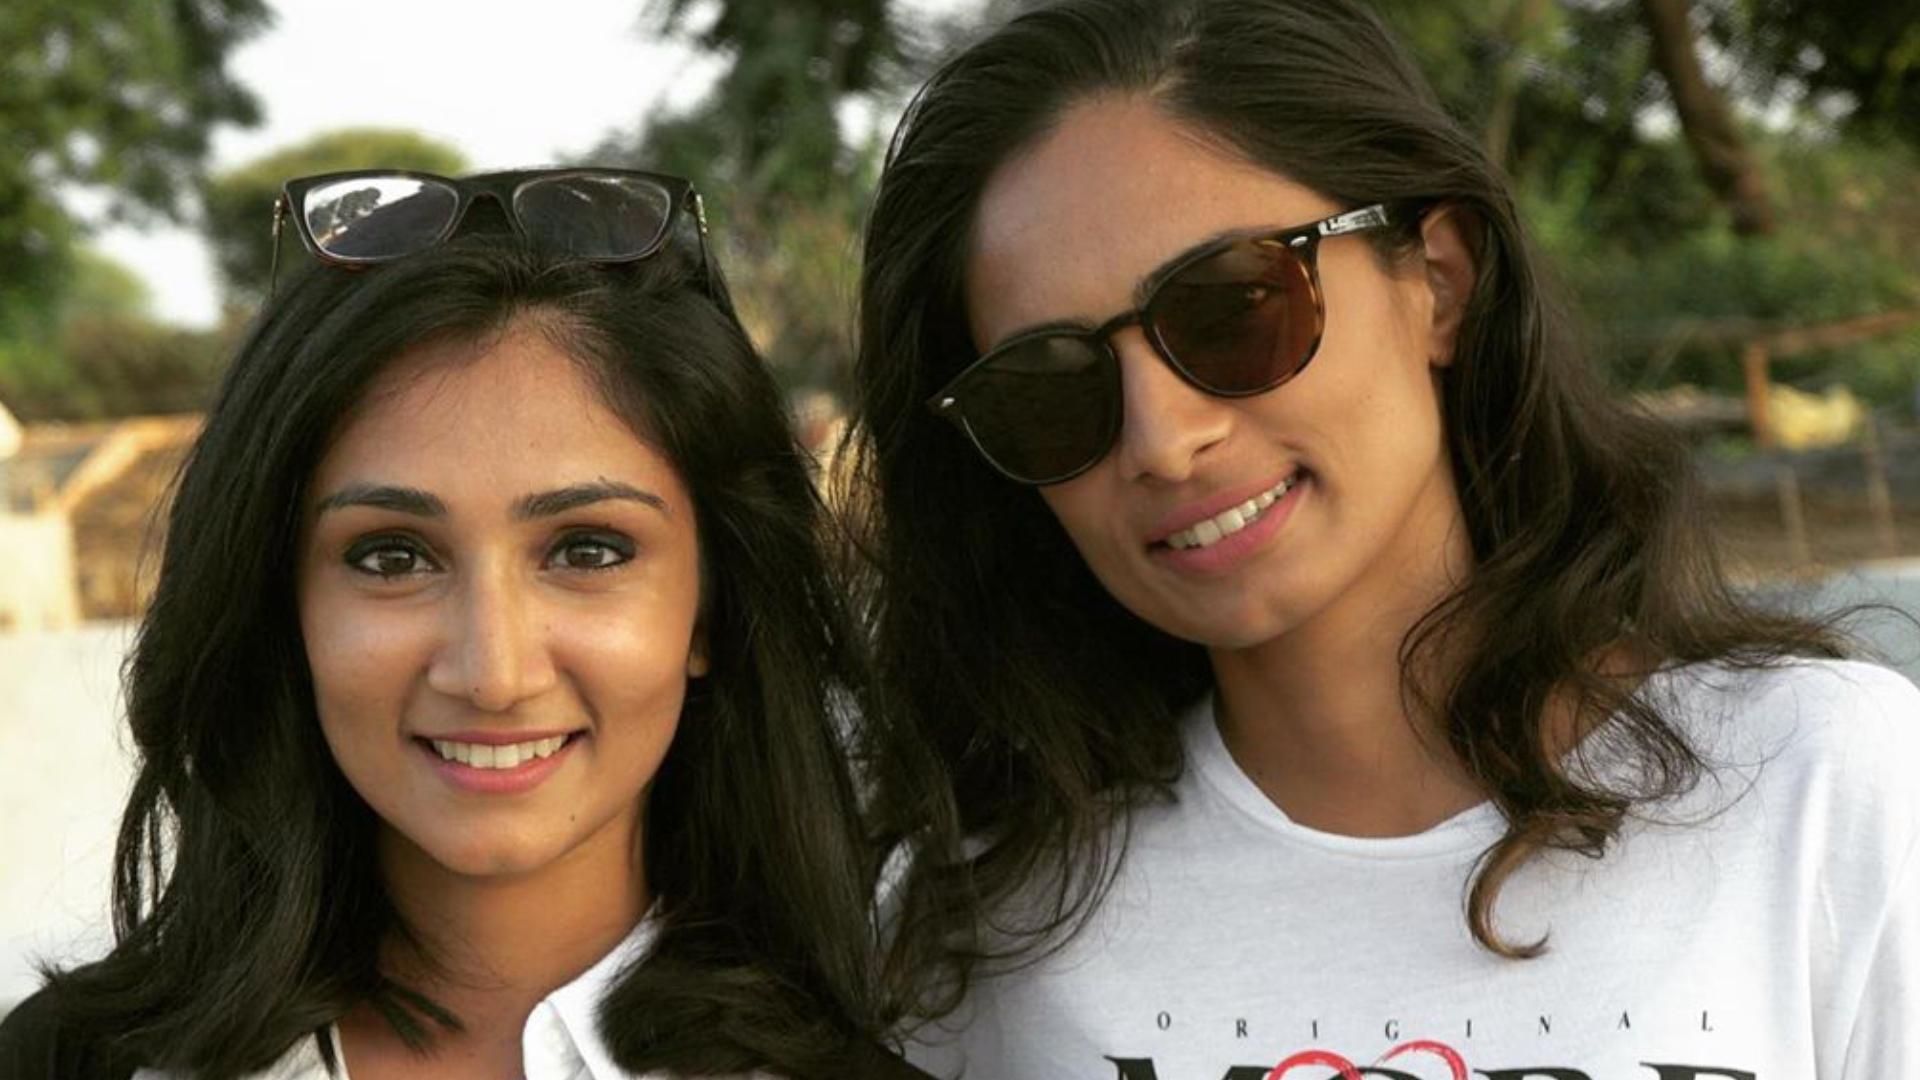 फिल्म शोले के विलेन सांभा की बेटियां करेंगी बॉलीवुड में एंट्री, जानिए क्या होगा फिल्म का नाम